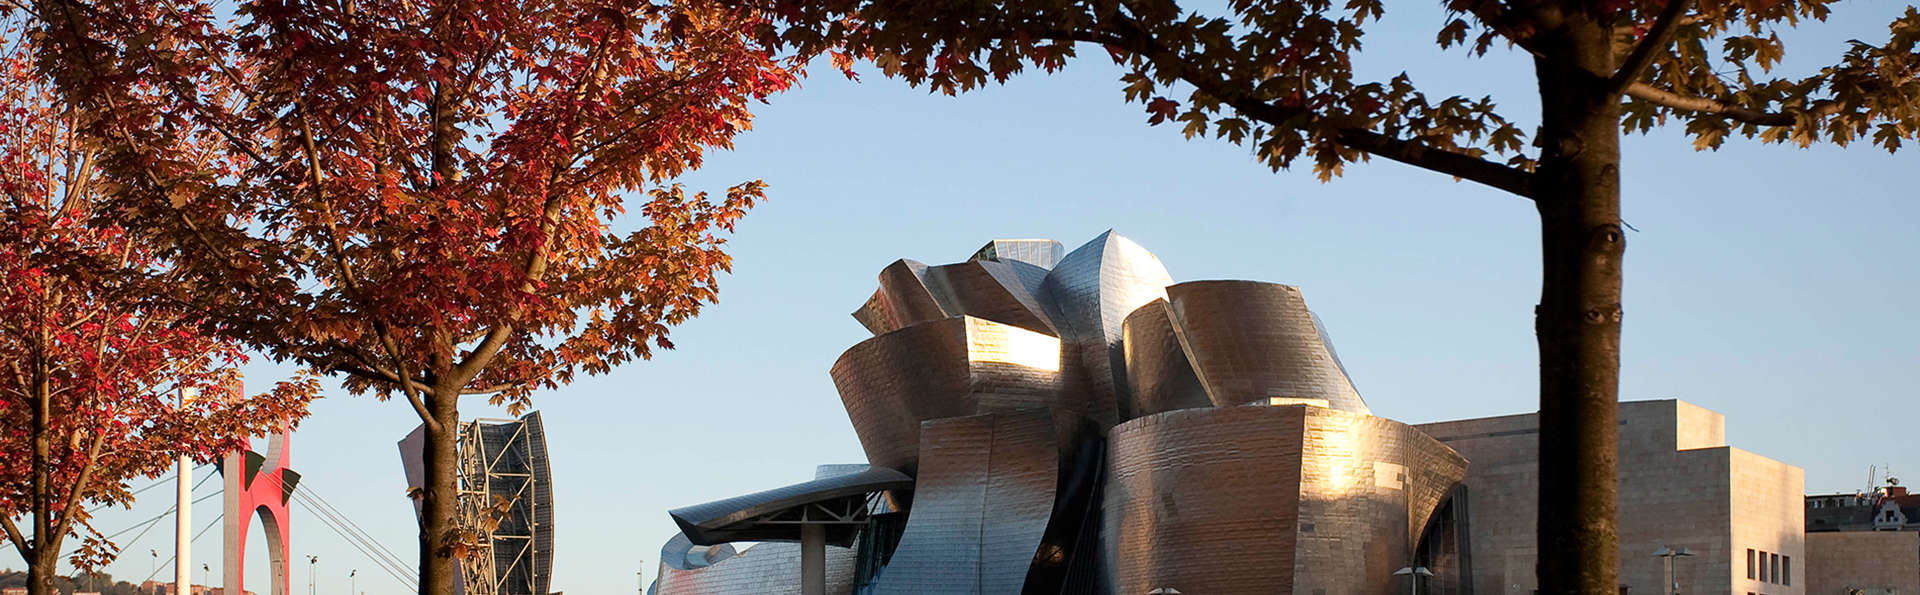 Séjour à Bilbao avec entrées au Musée Guggenheim (à partir de 2 nuits)